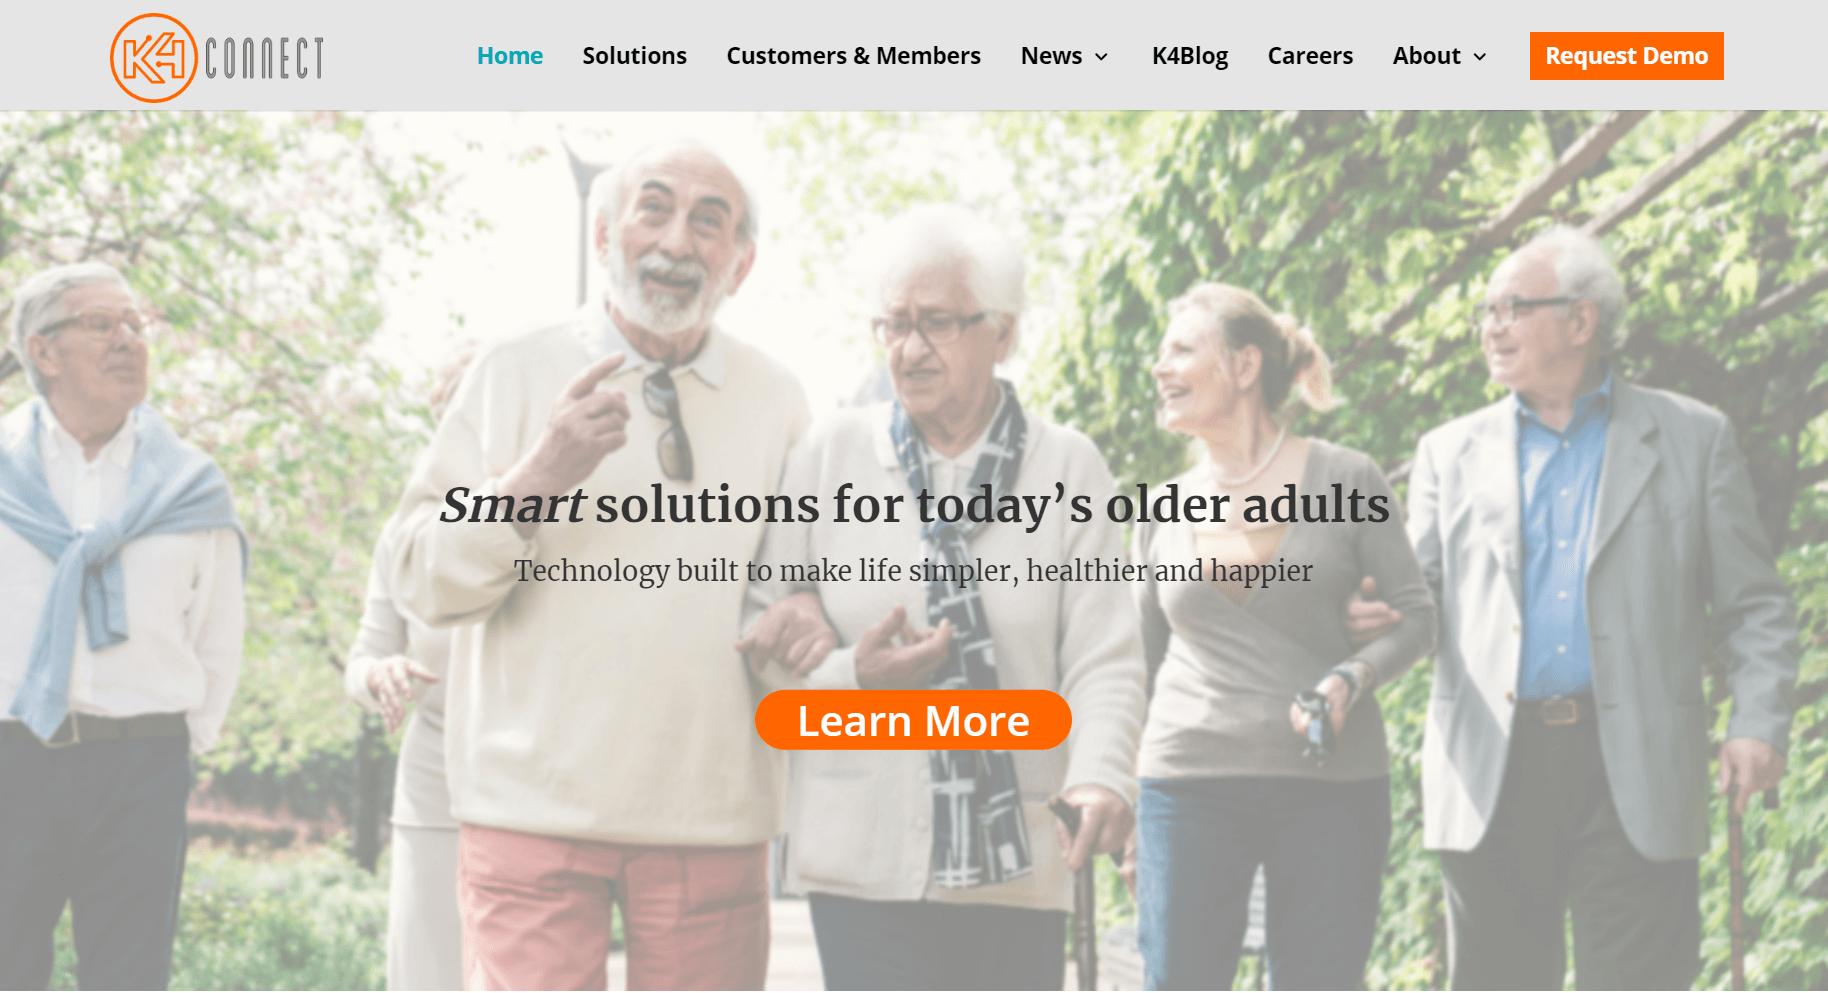 K4Connect Raises $12M to Expand Smart Tech for Senior Living Communities